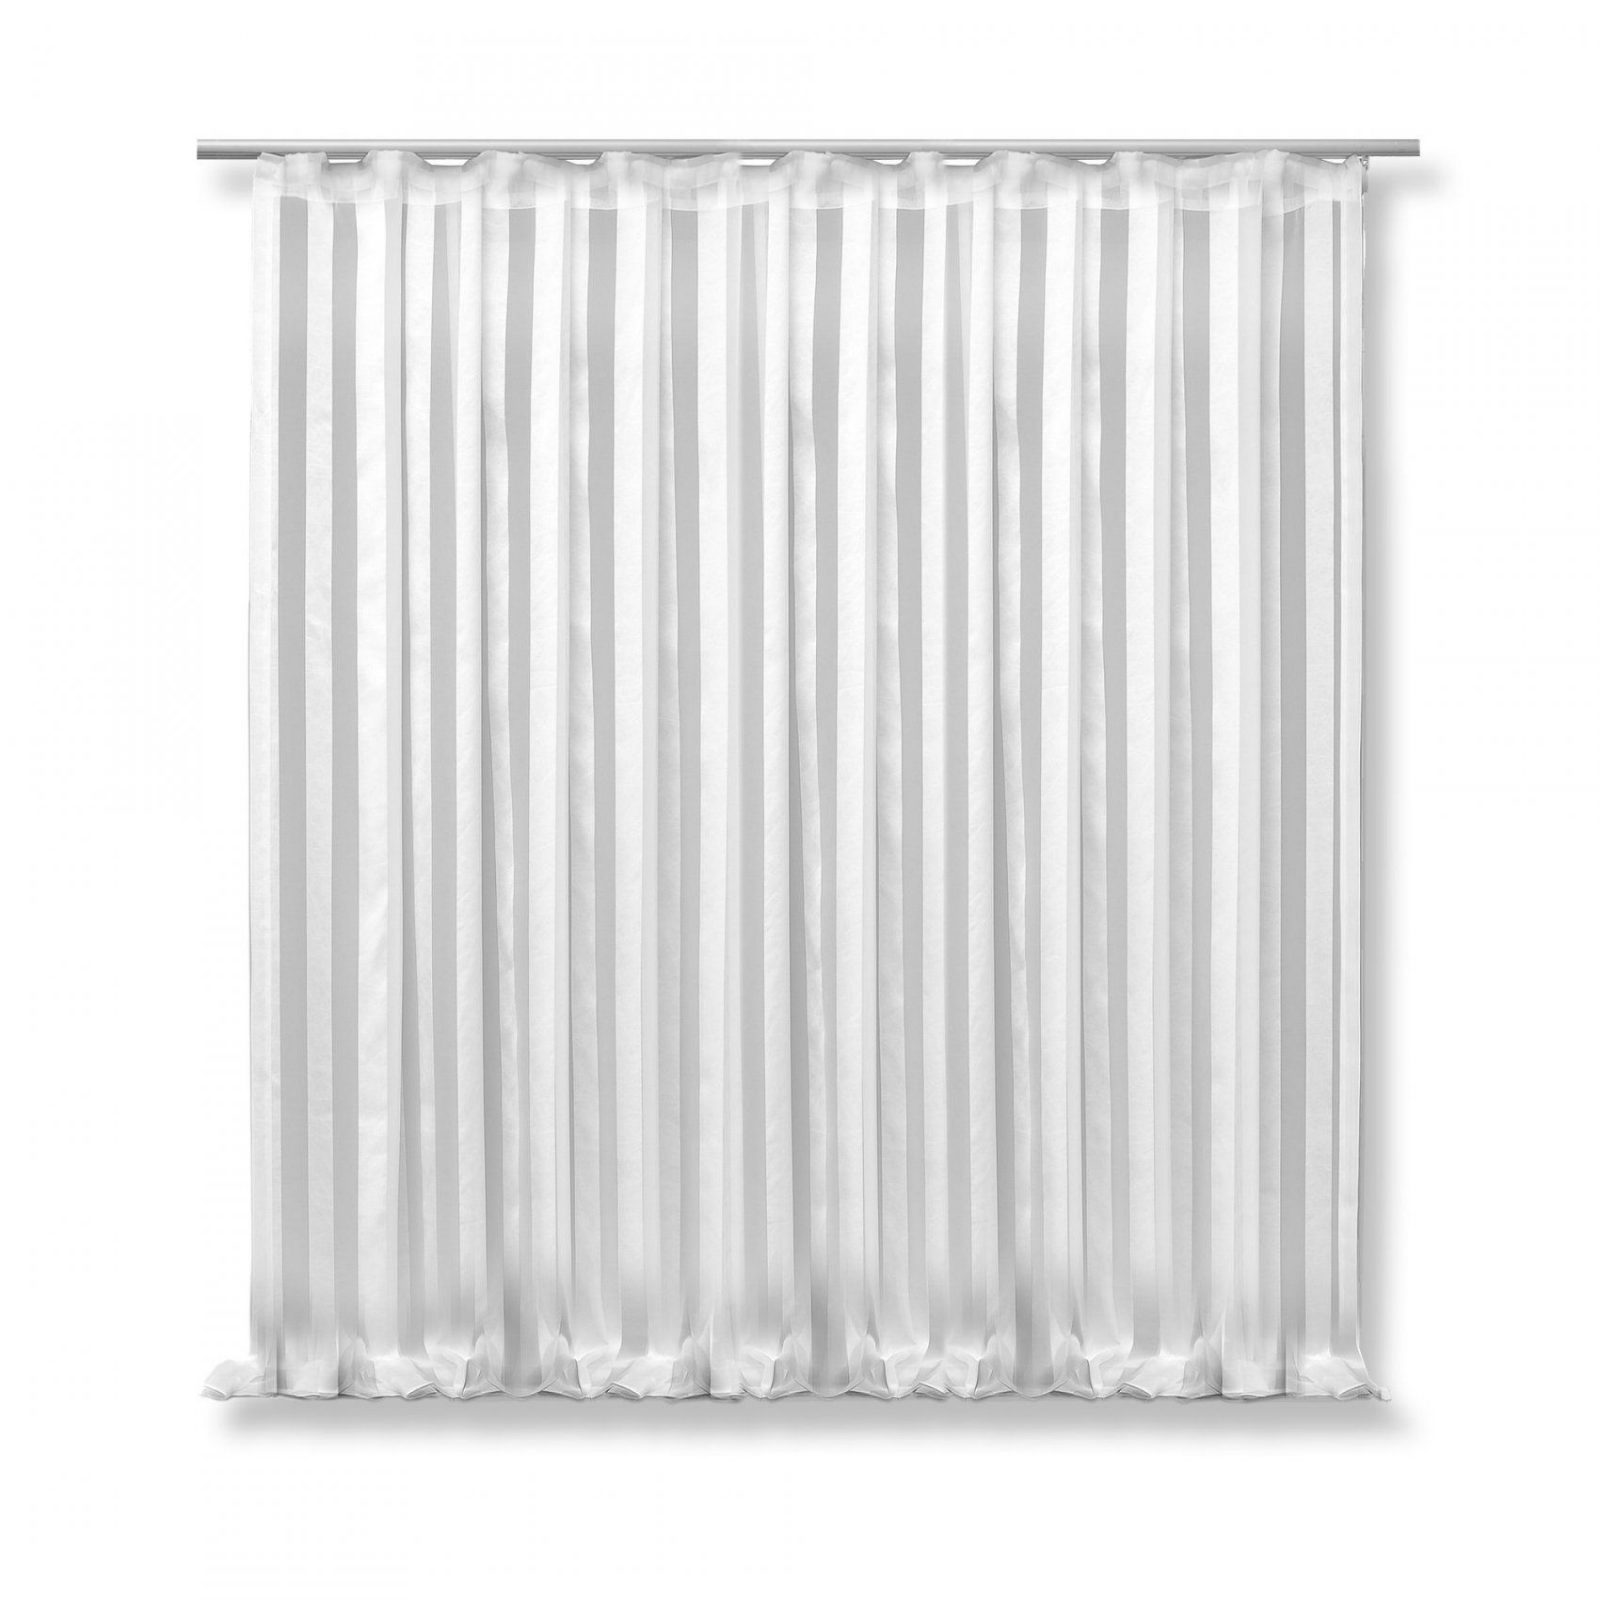 Voile Dekoschal Isa 300X245 Cm Weiß Halb Transparent Kräuselband von Gardine Weiß Transparent Kräuselband Bild